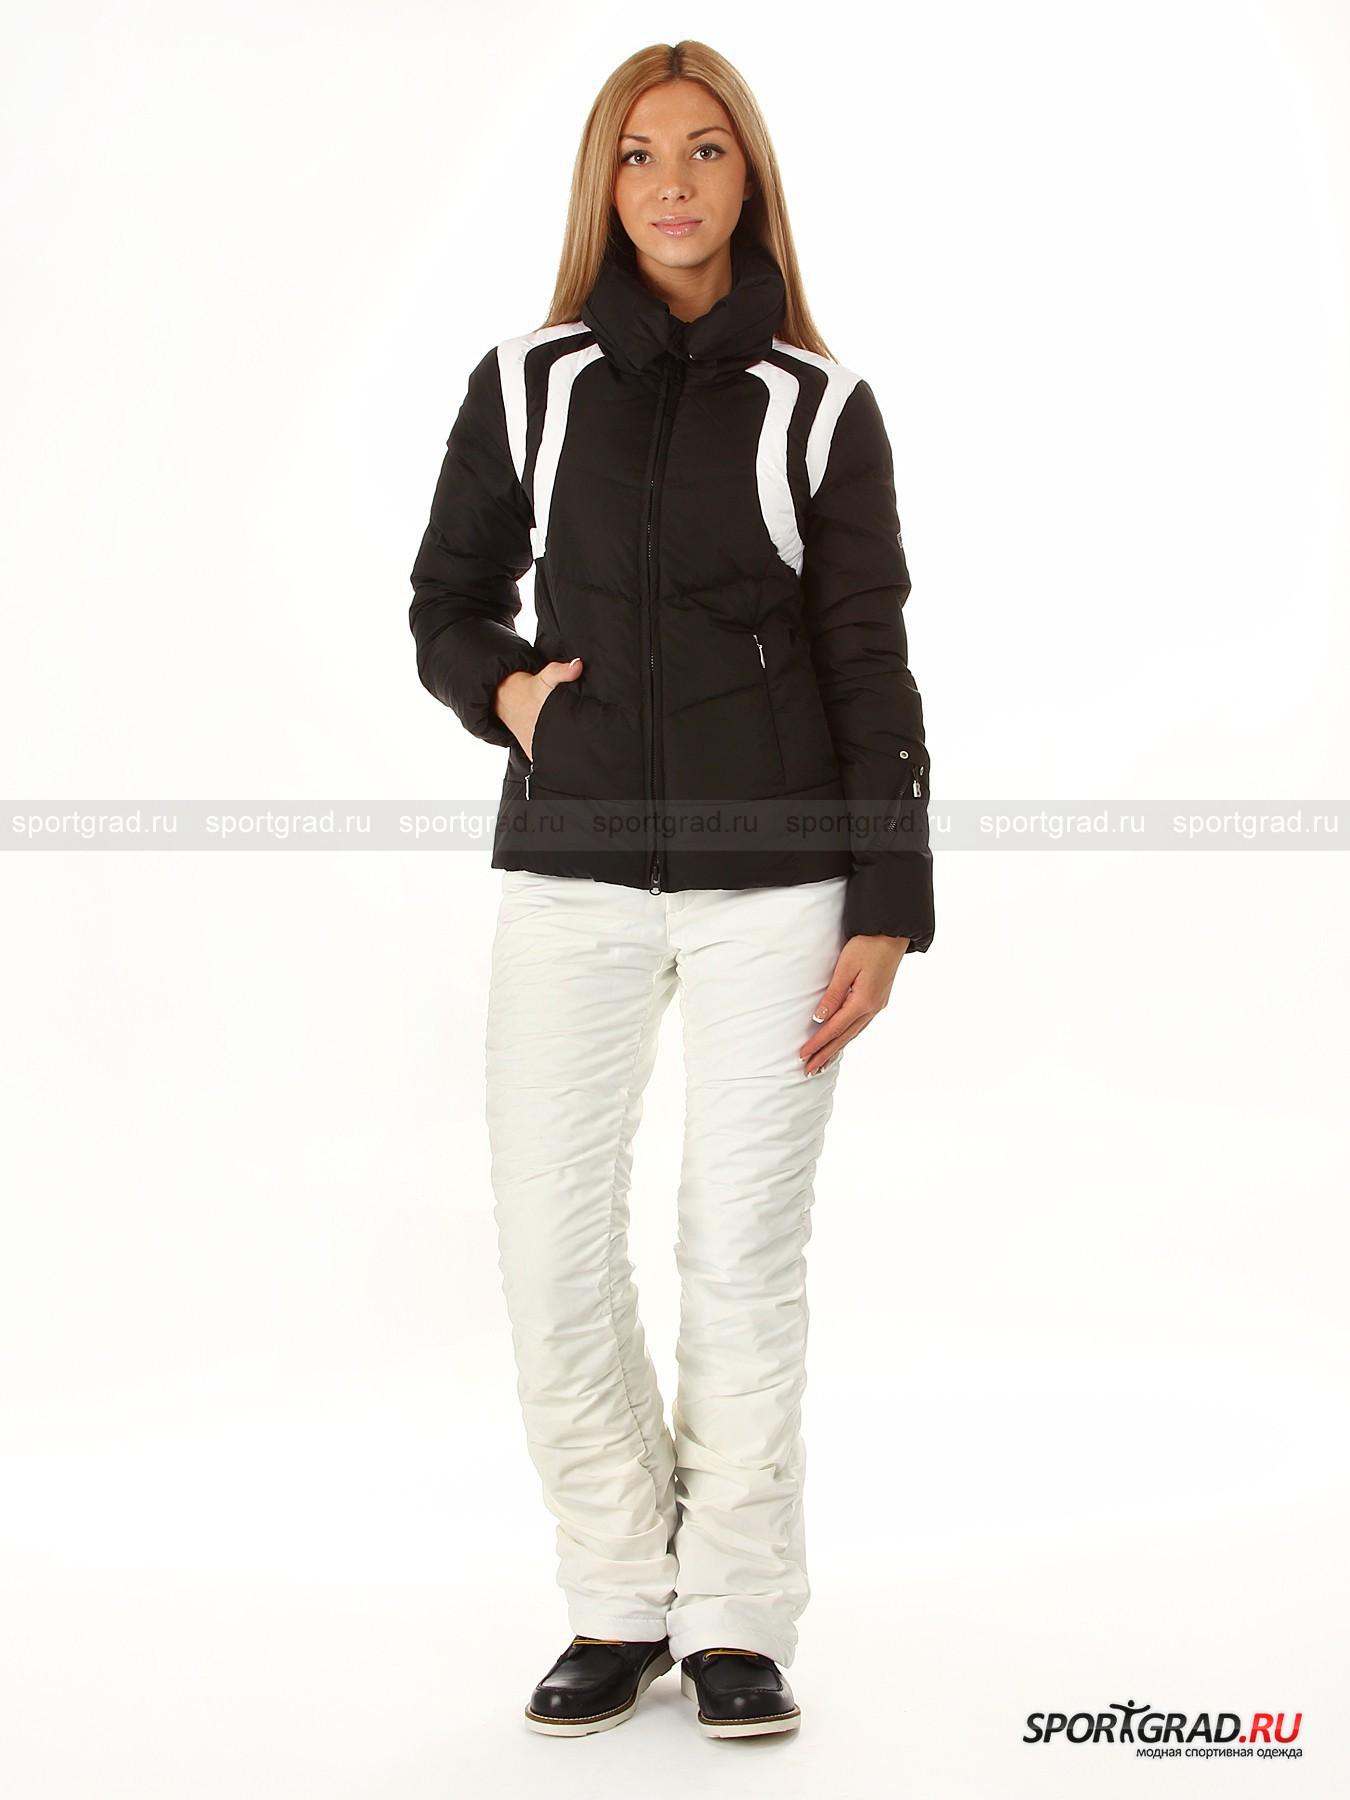 Куртка женская Yule-d BOGNER FIRE & ICE от Спортград